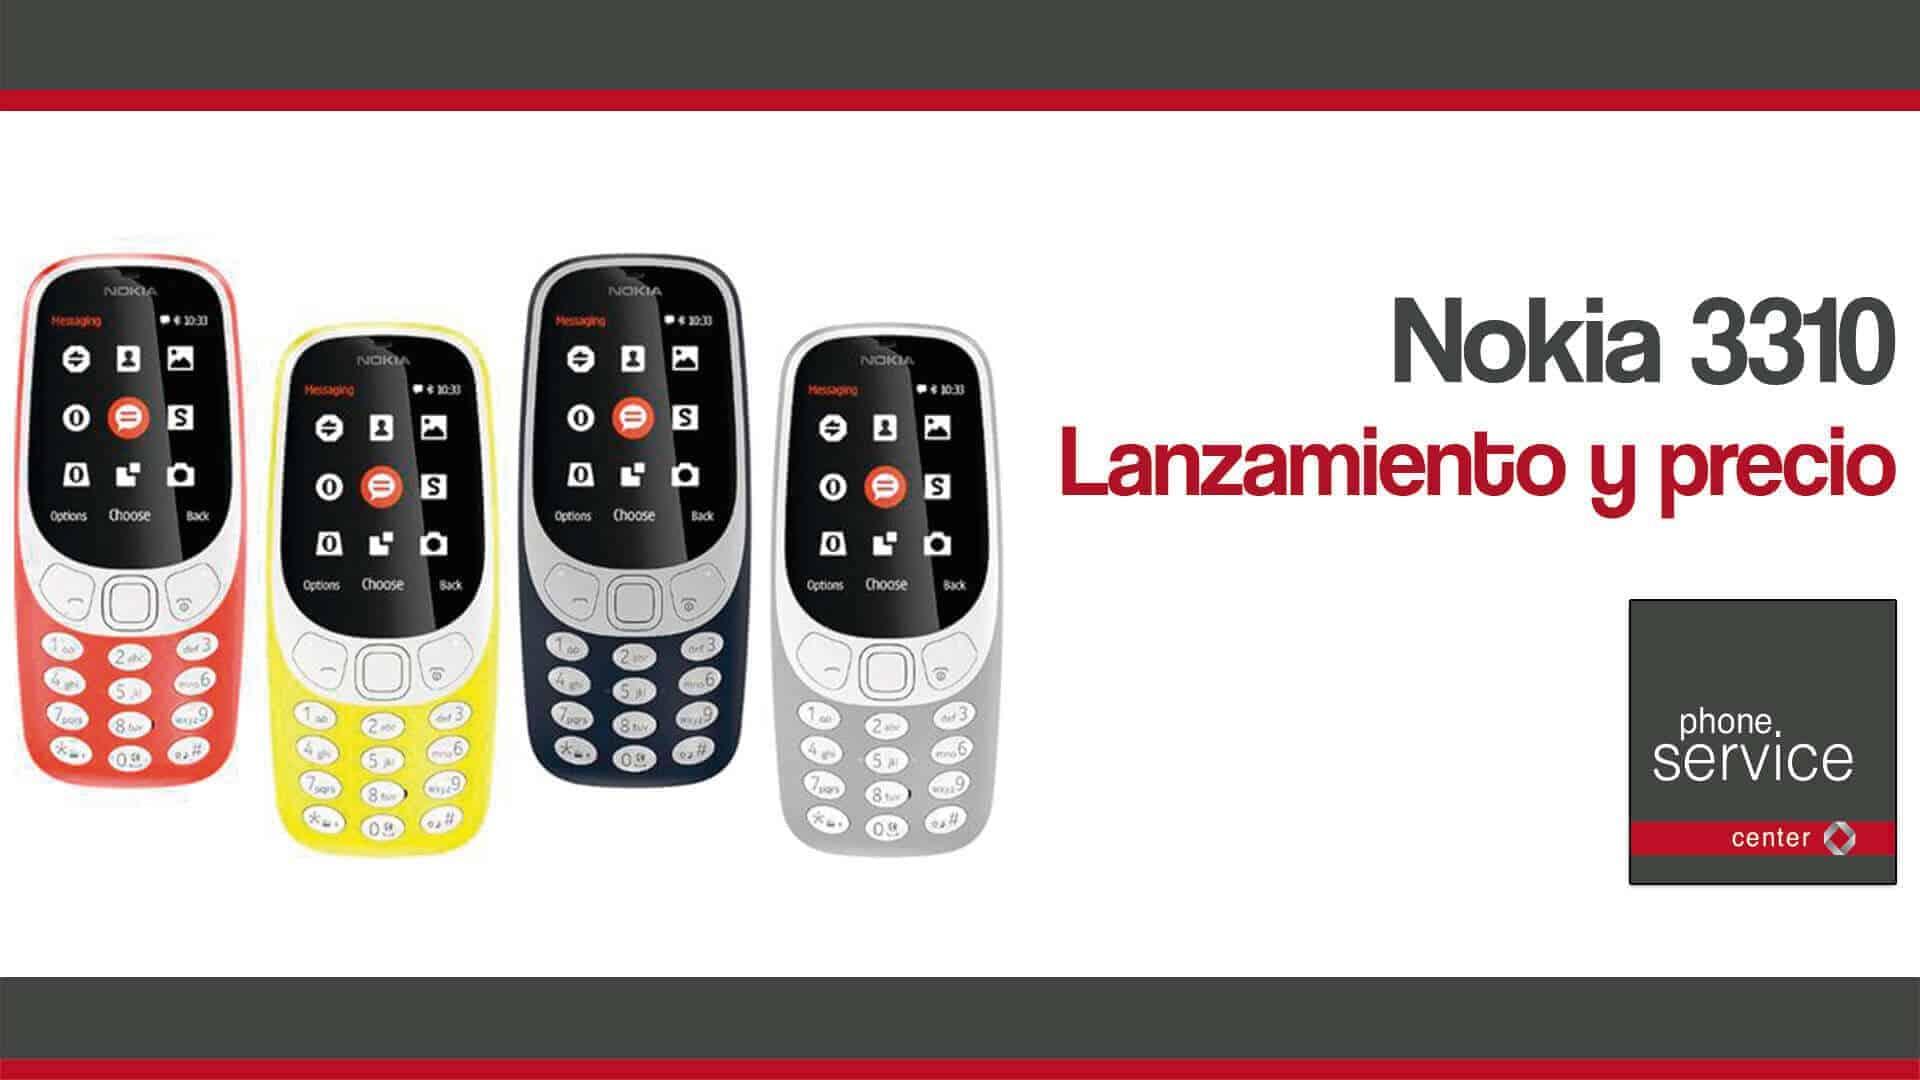 El lanzamiento del Nokia 3310 y su precio